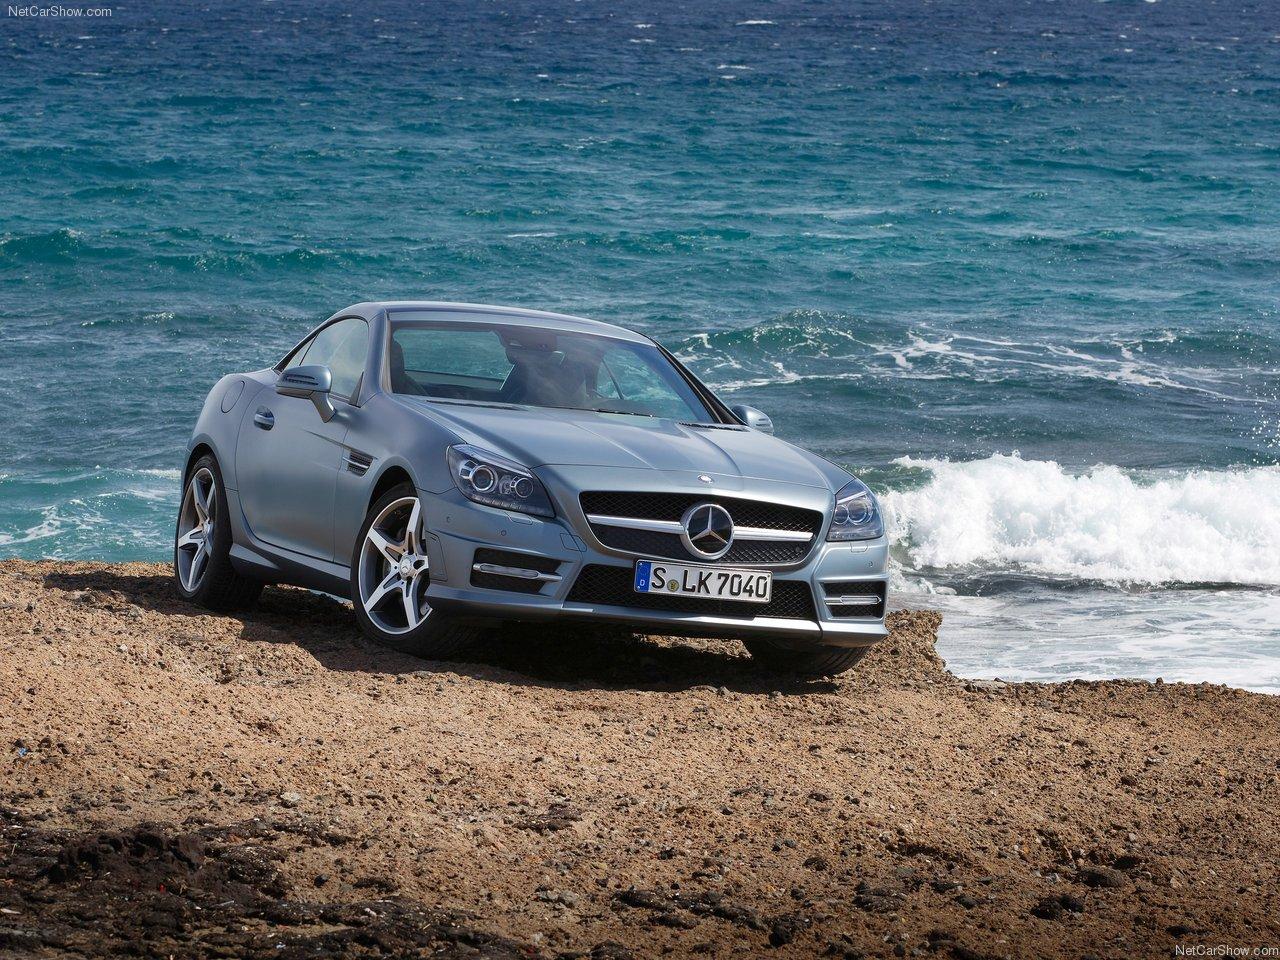 http://1.bp.blogspot.com/-tS2z8kHoaMA/TZxhCMKWetI/AAAAAAACMdQ/IbPka_oUXmk/s1600/Mercedes-Benz-SLK350_2012_1280x960_wallpaper_07.jpg